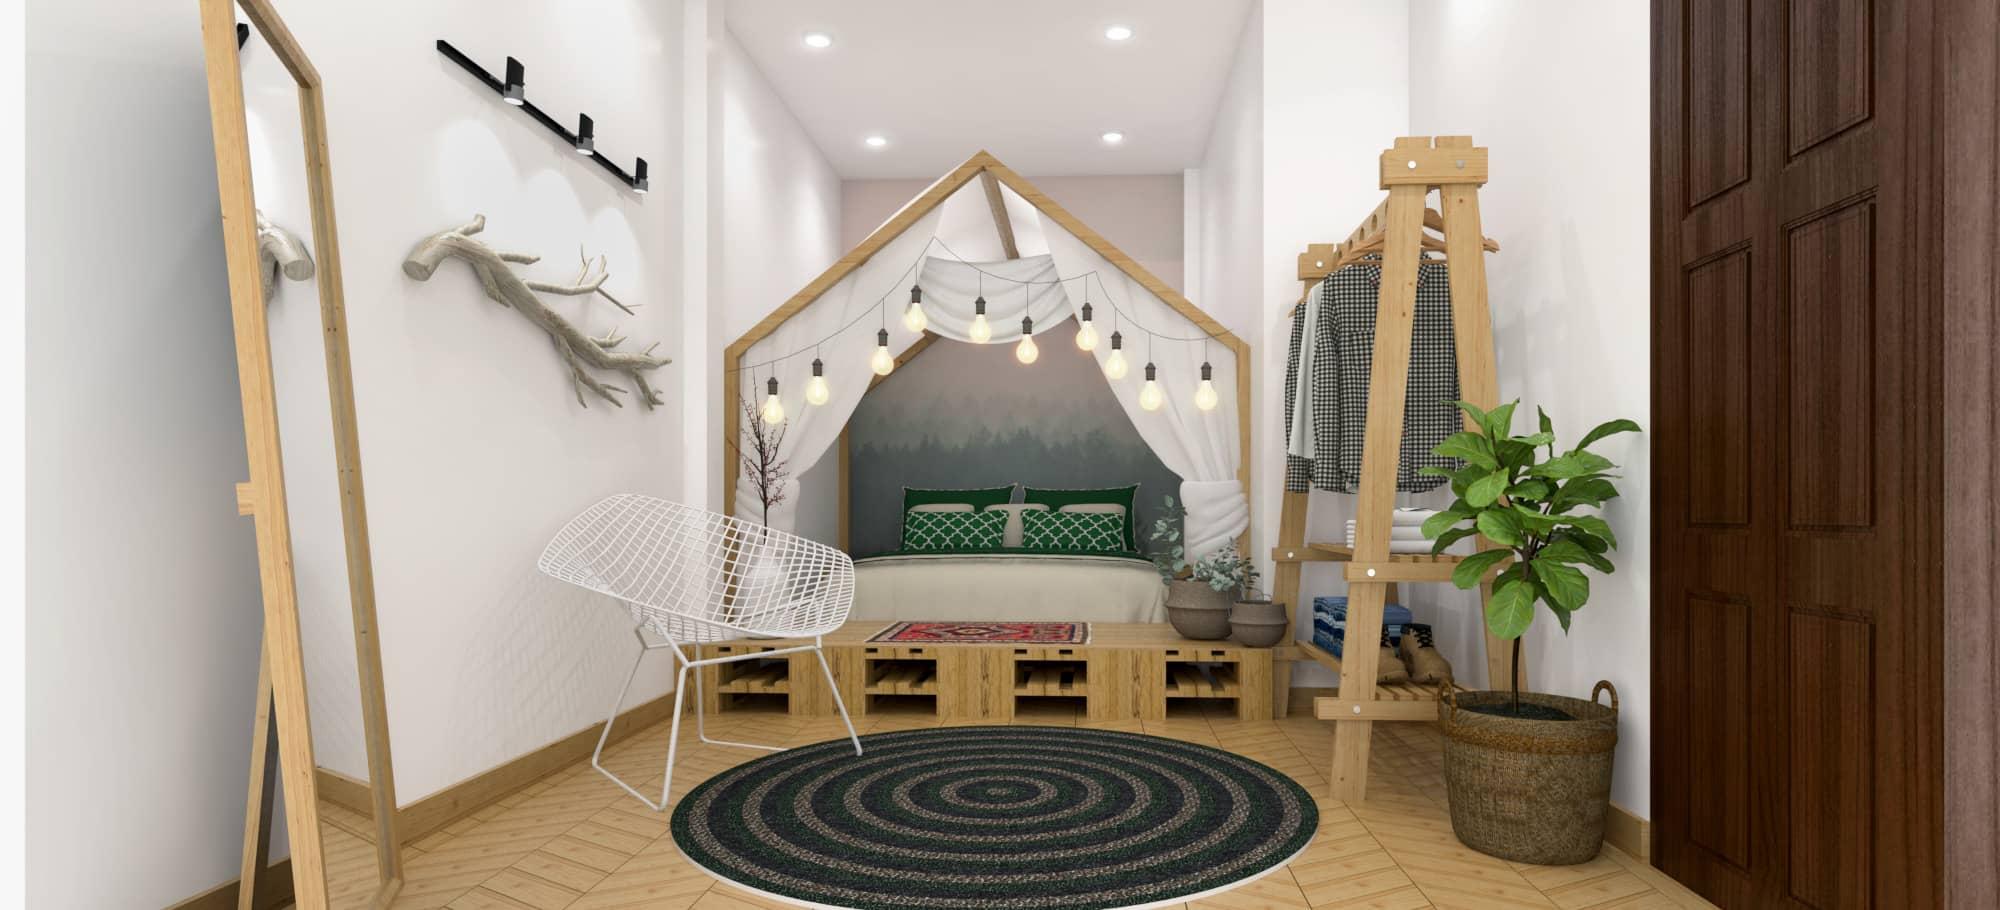 Phòng ngủ homestay dành cho cặp đôi phải có sự riêng tư, lãng mạn